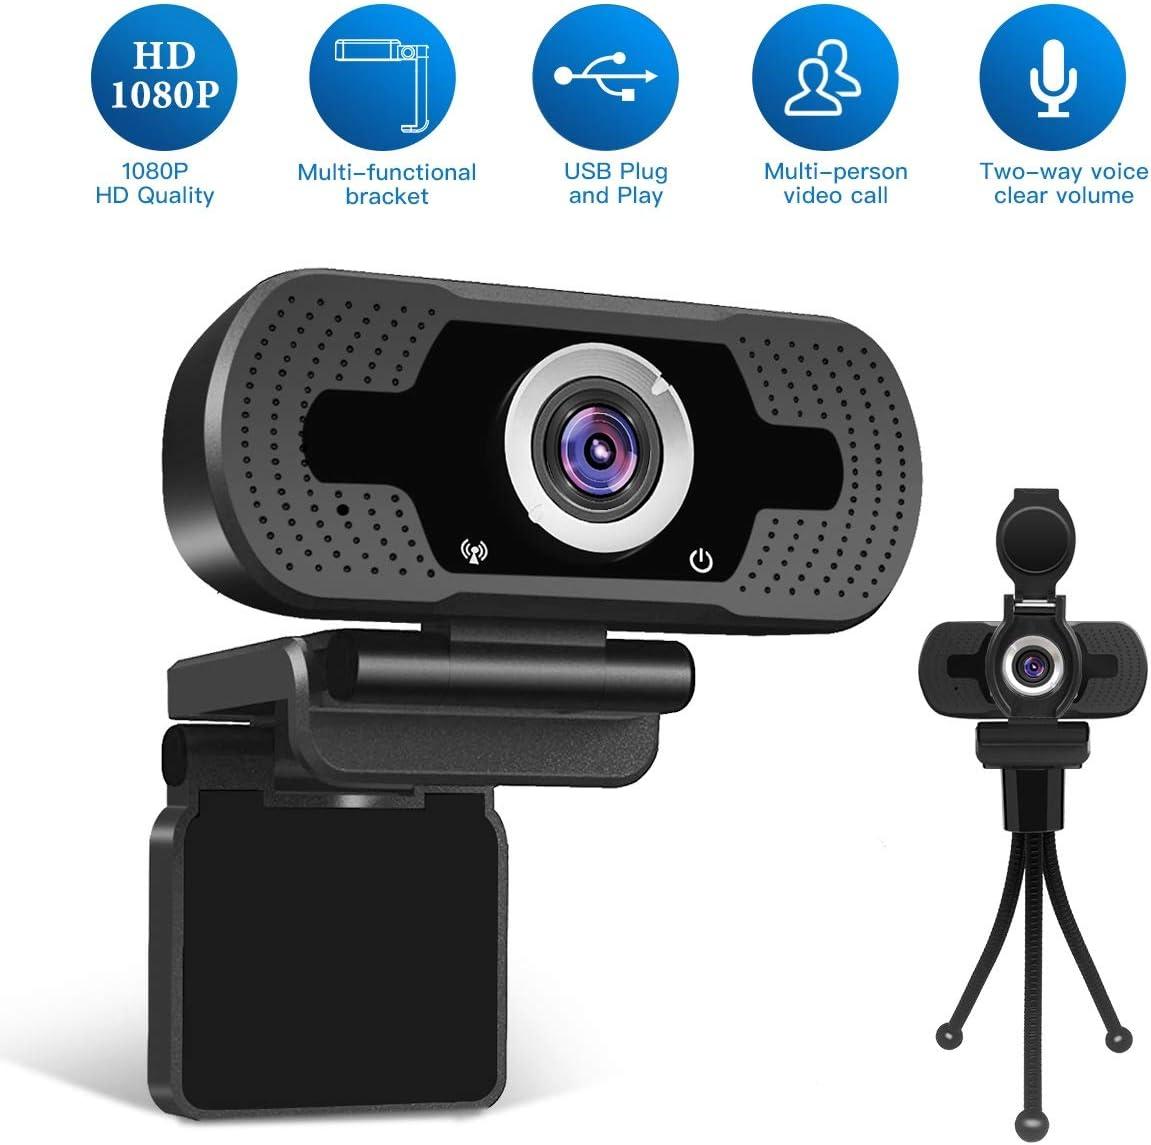 mini tr/épied de cam/éra Dericam support de webcam mini tr/épied r/églable l/éger pour bureau de salle de conf/érence support de cam/éra noir